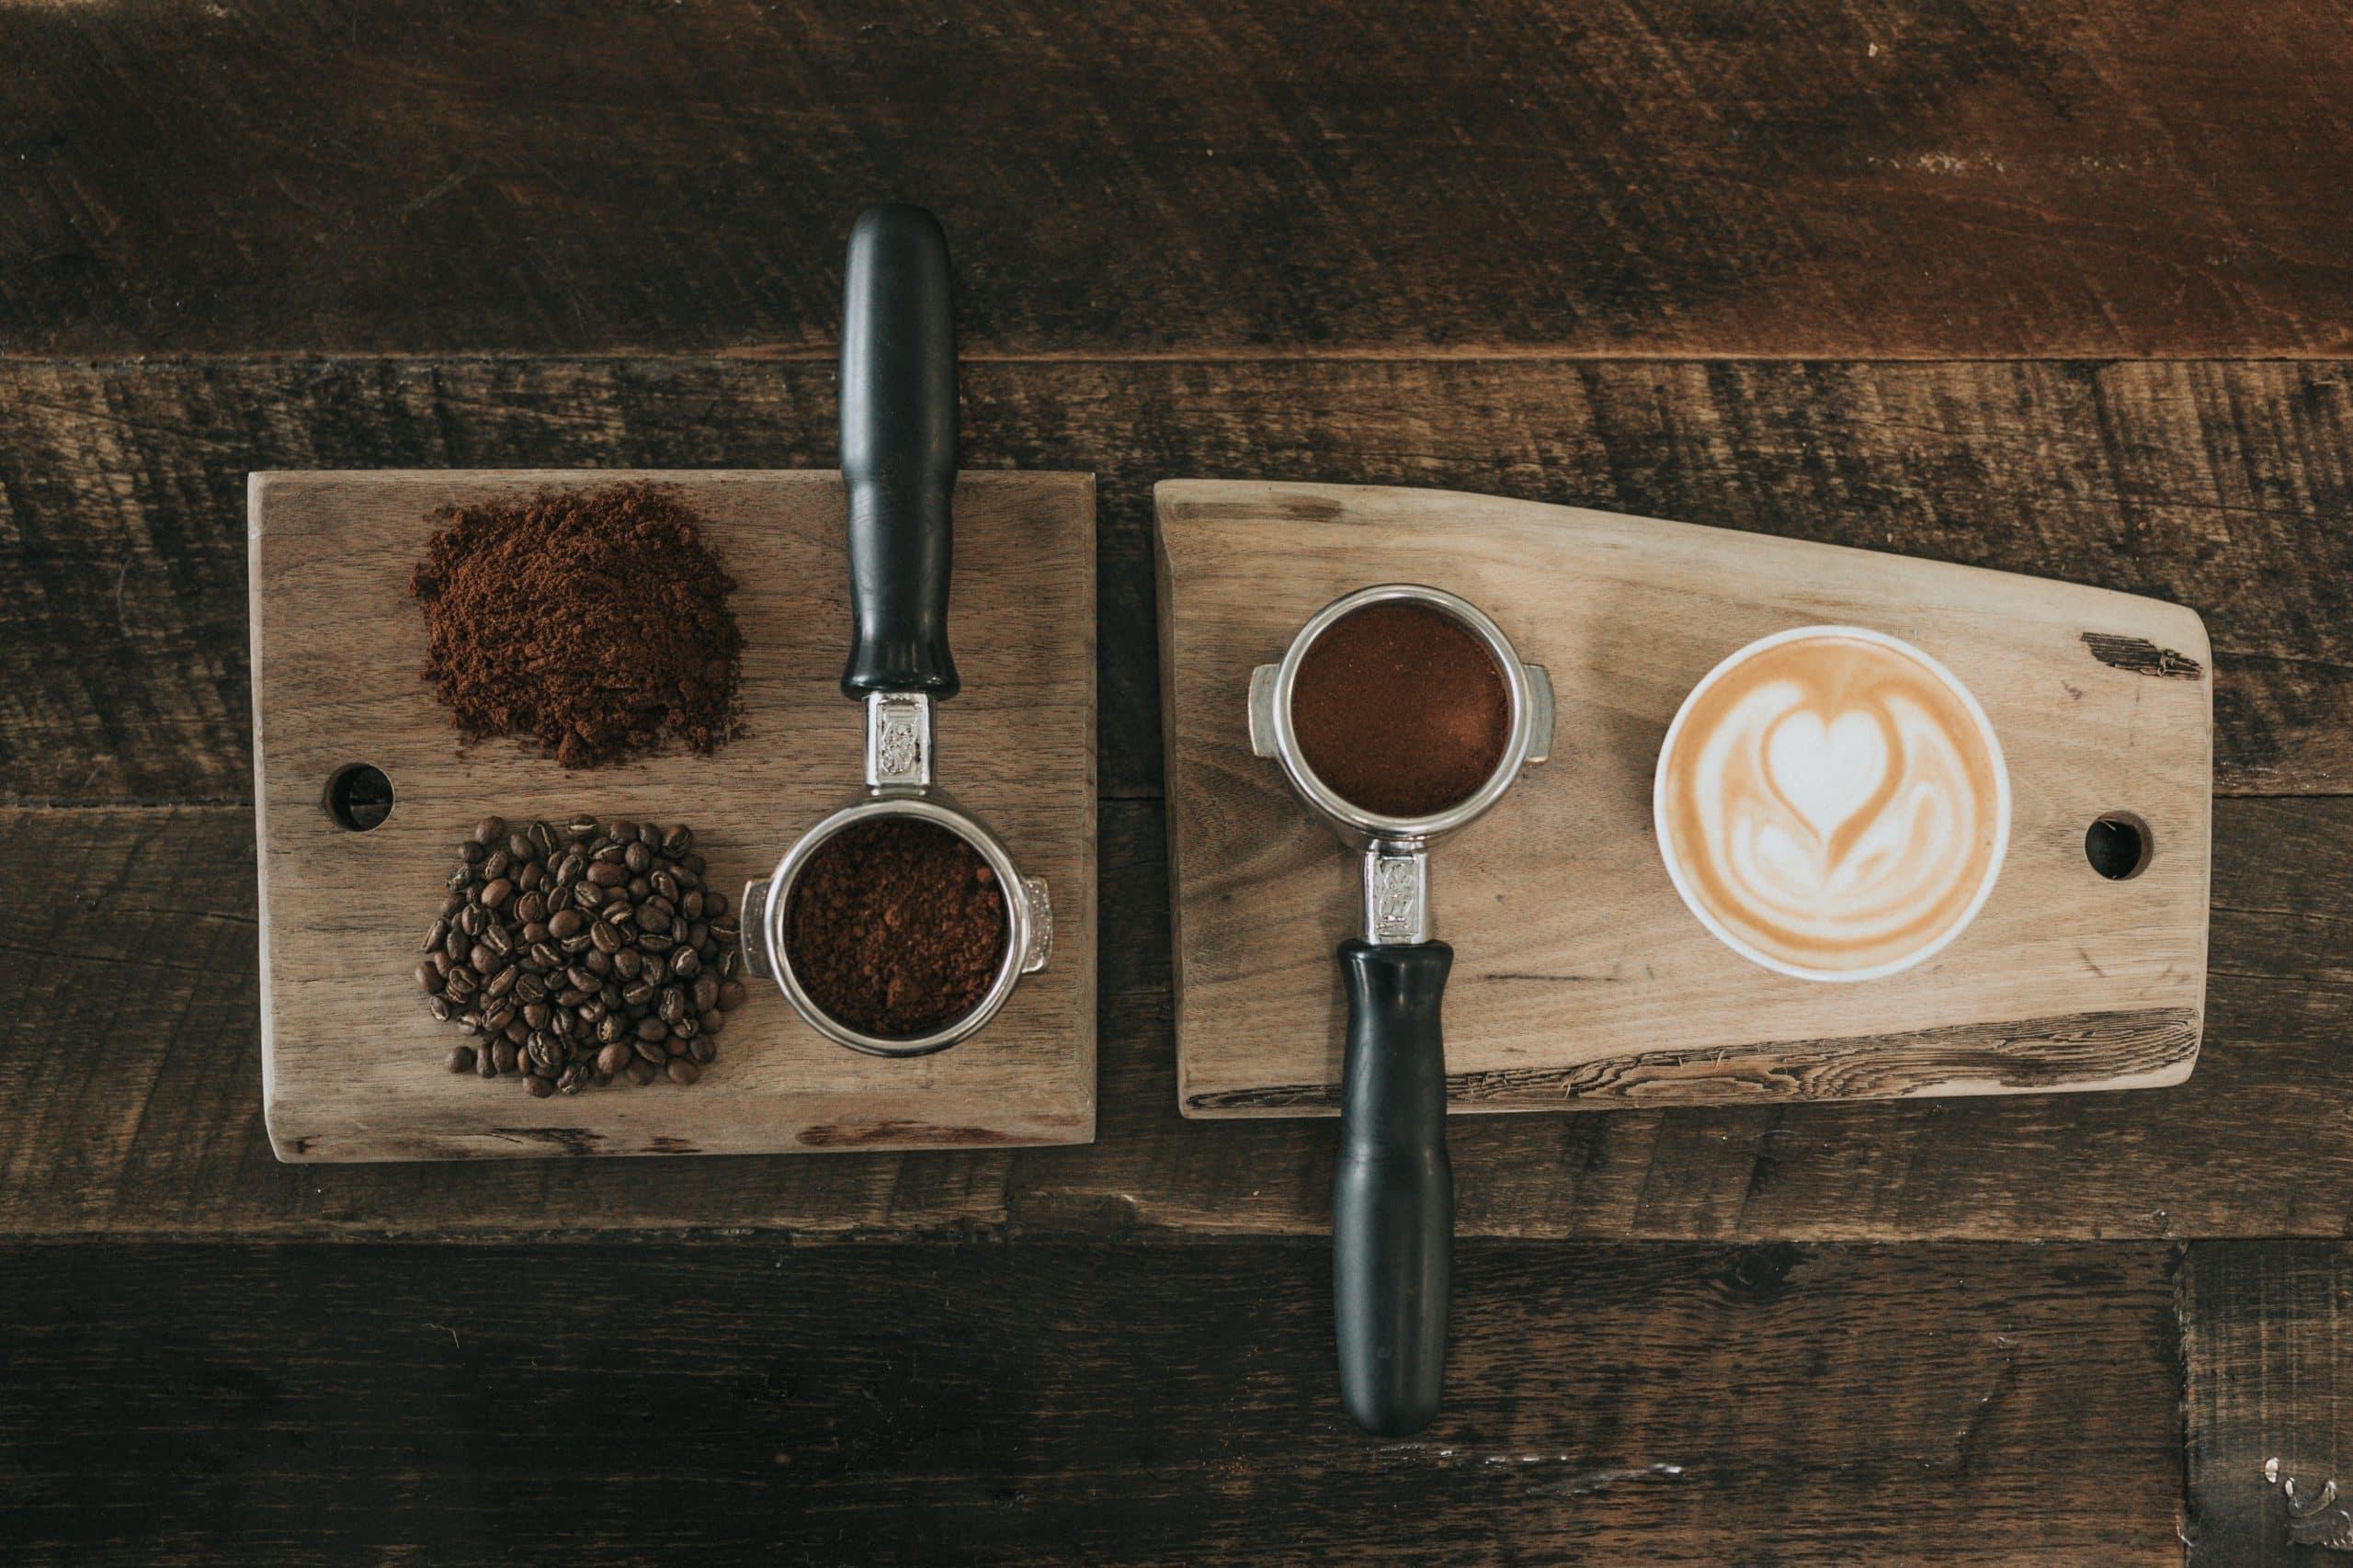 bireylerin sabah kalktıklarında kendilerini tok hissederek, kahvaltı öğününü yalnızca kahve ile geçiştirme